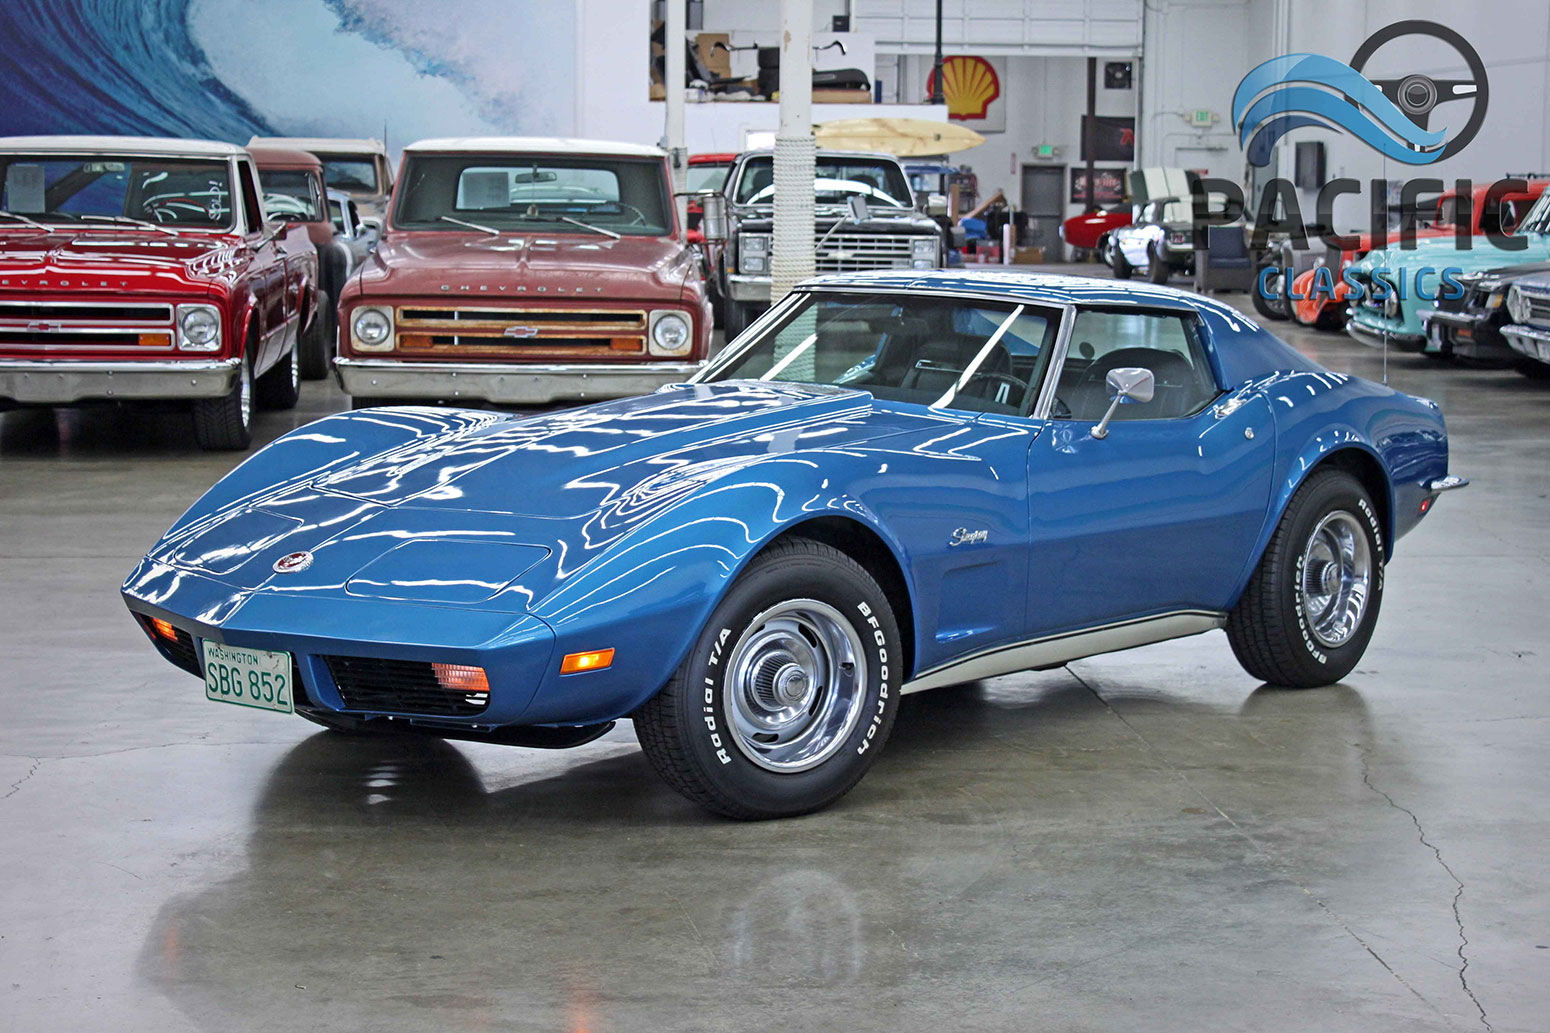 Kelebihan Kekurangan Corvette 1973 Harga